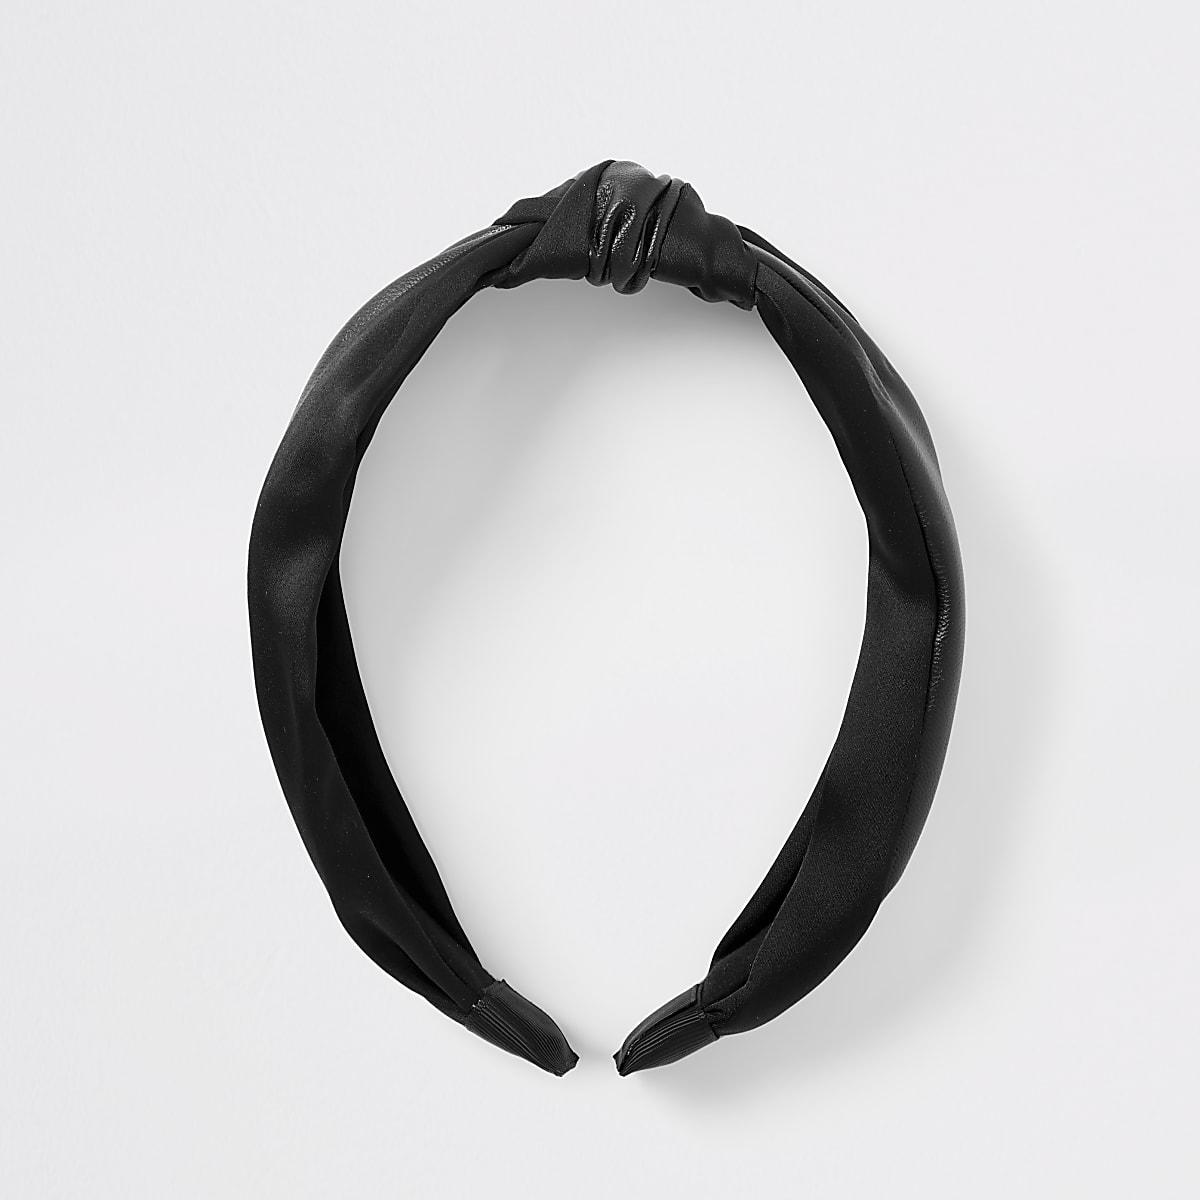 Zwarte geknoopte hoofdband